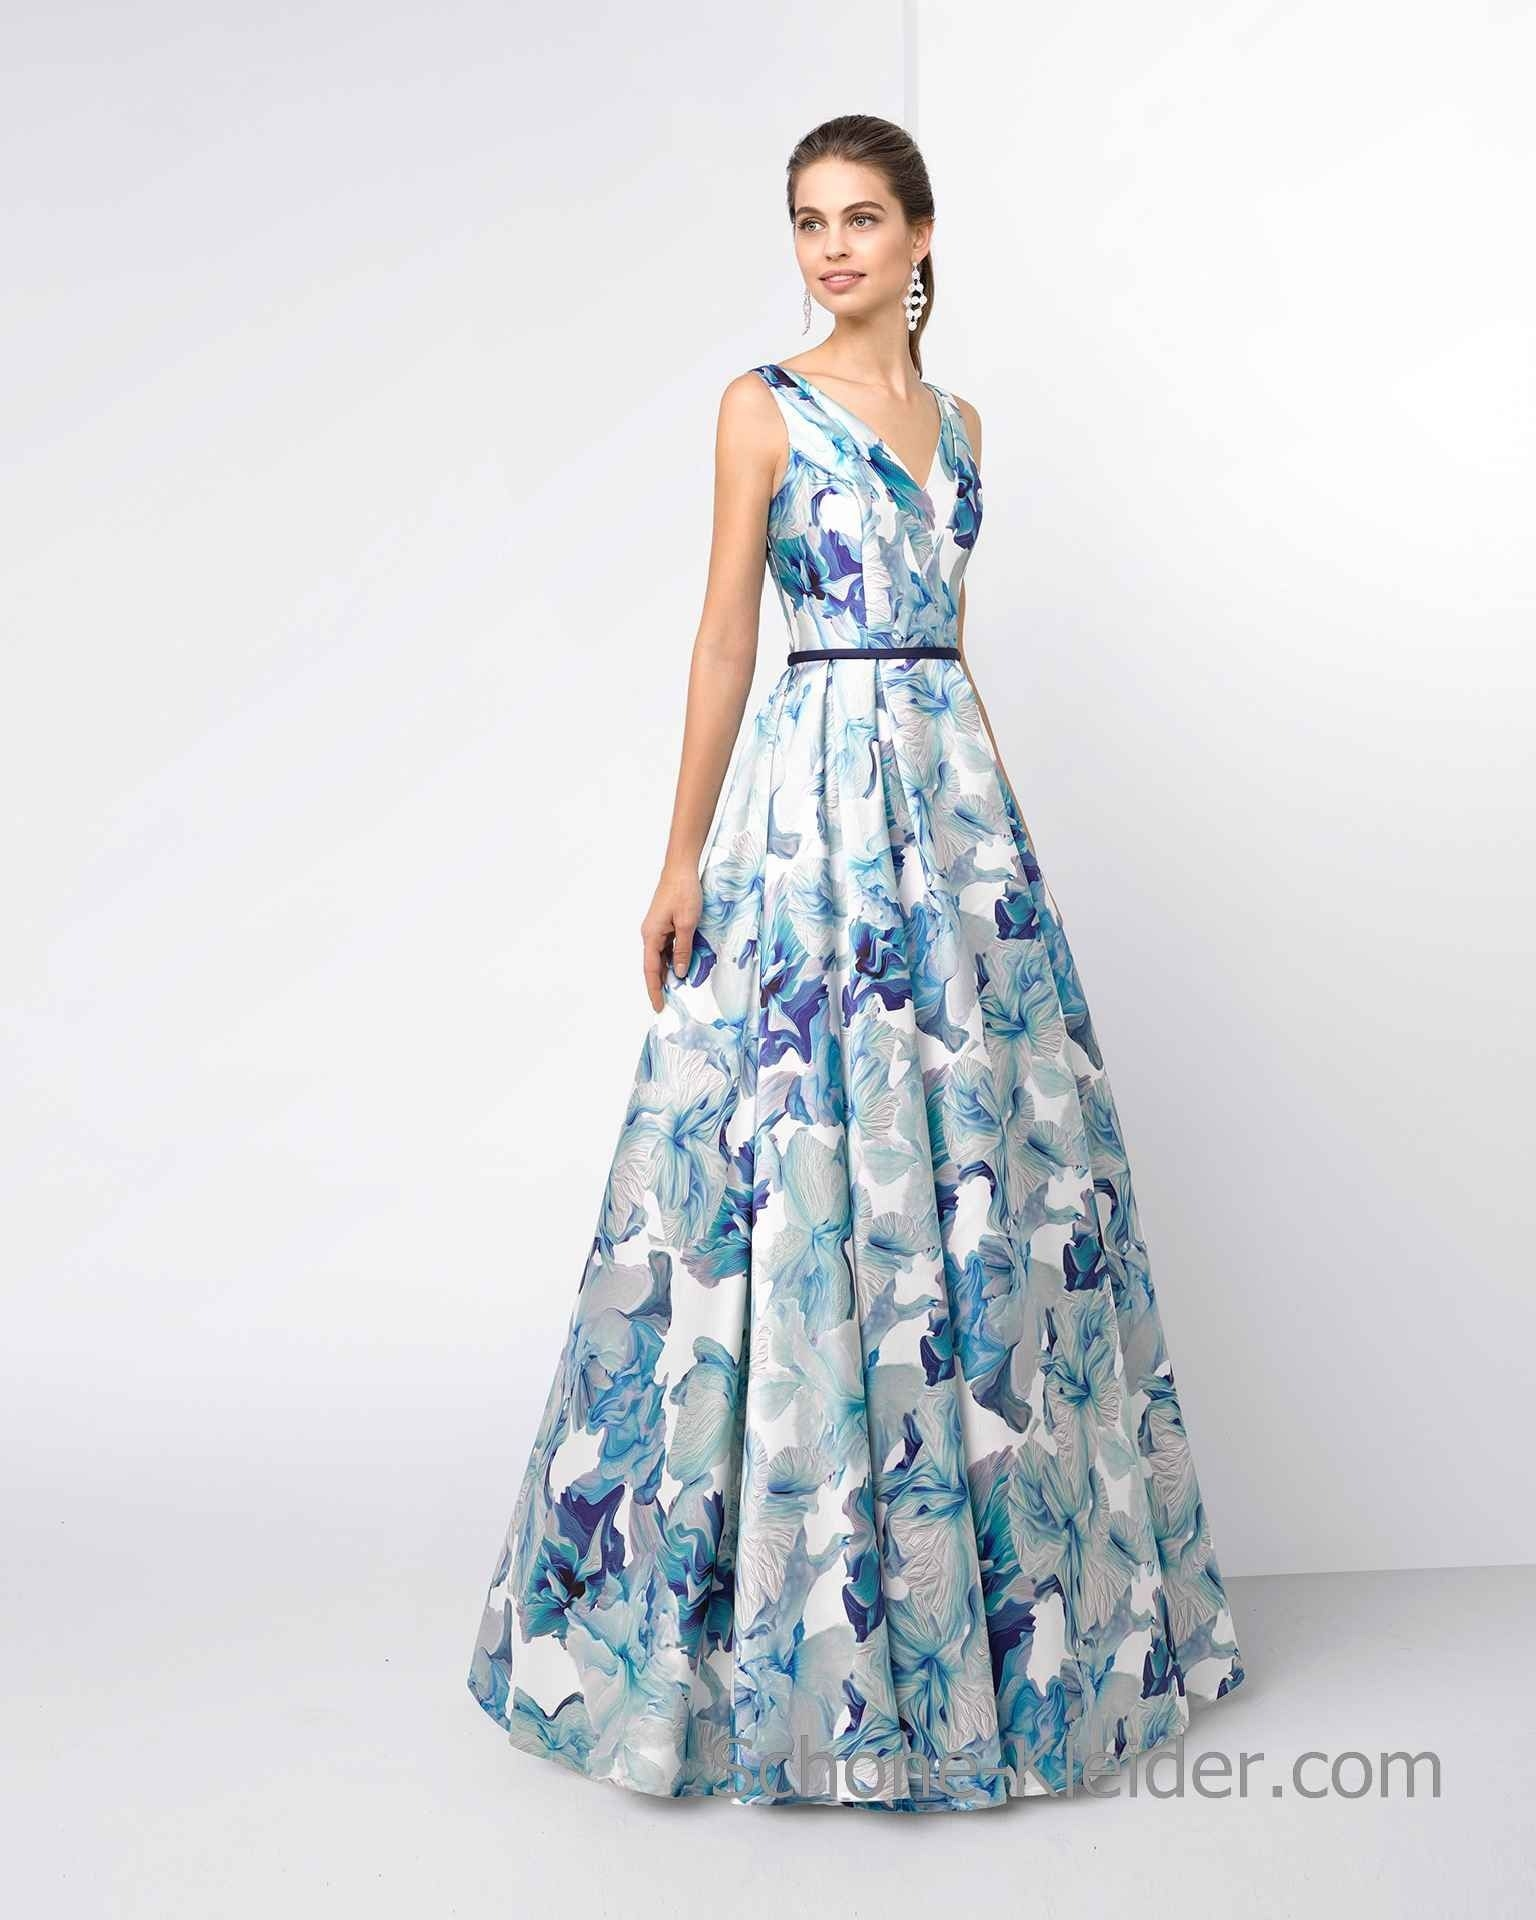 13 Schön Kleider Für Besonderen Anlass Design20 Elegant Kleider Für Besonderen Anlass Stylish